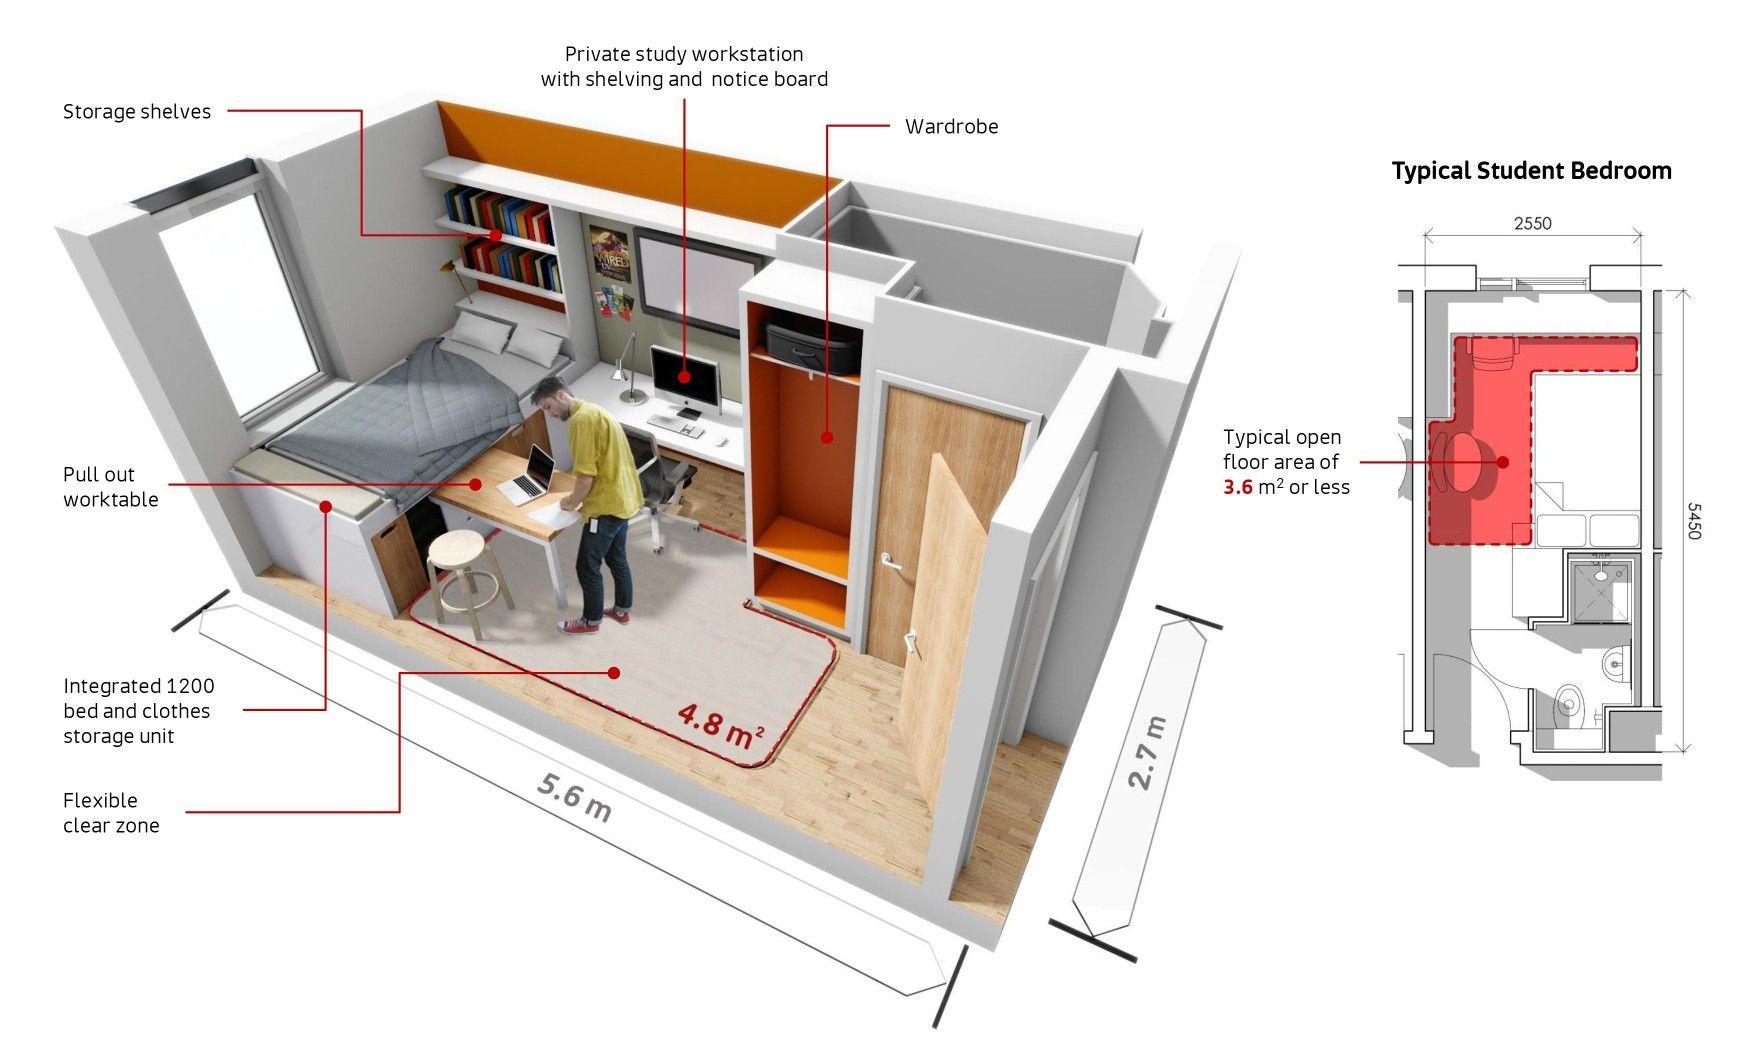 Pin Oleh Rakotomalalac Di Etudiant Arsitektur Rumah Rumah Arsitektur